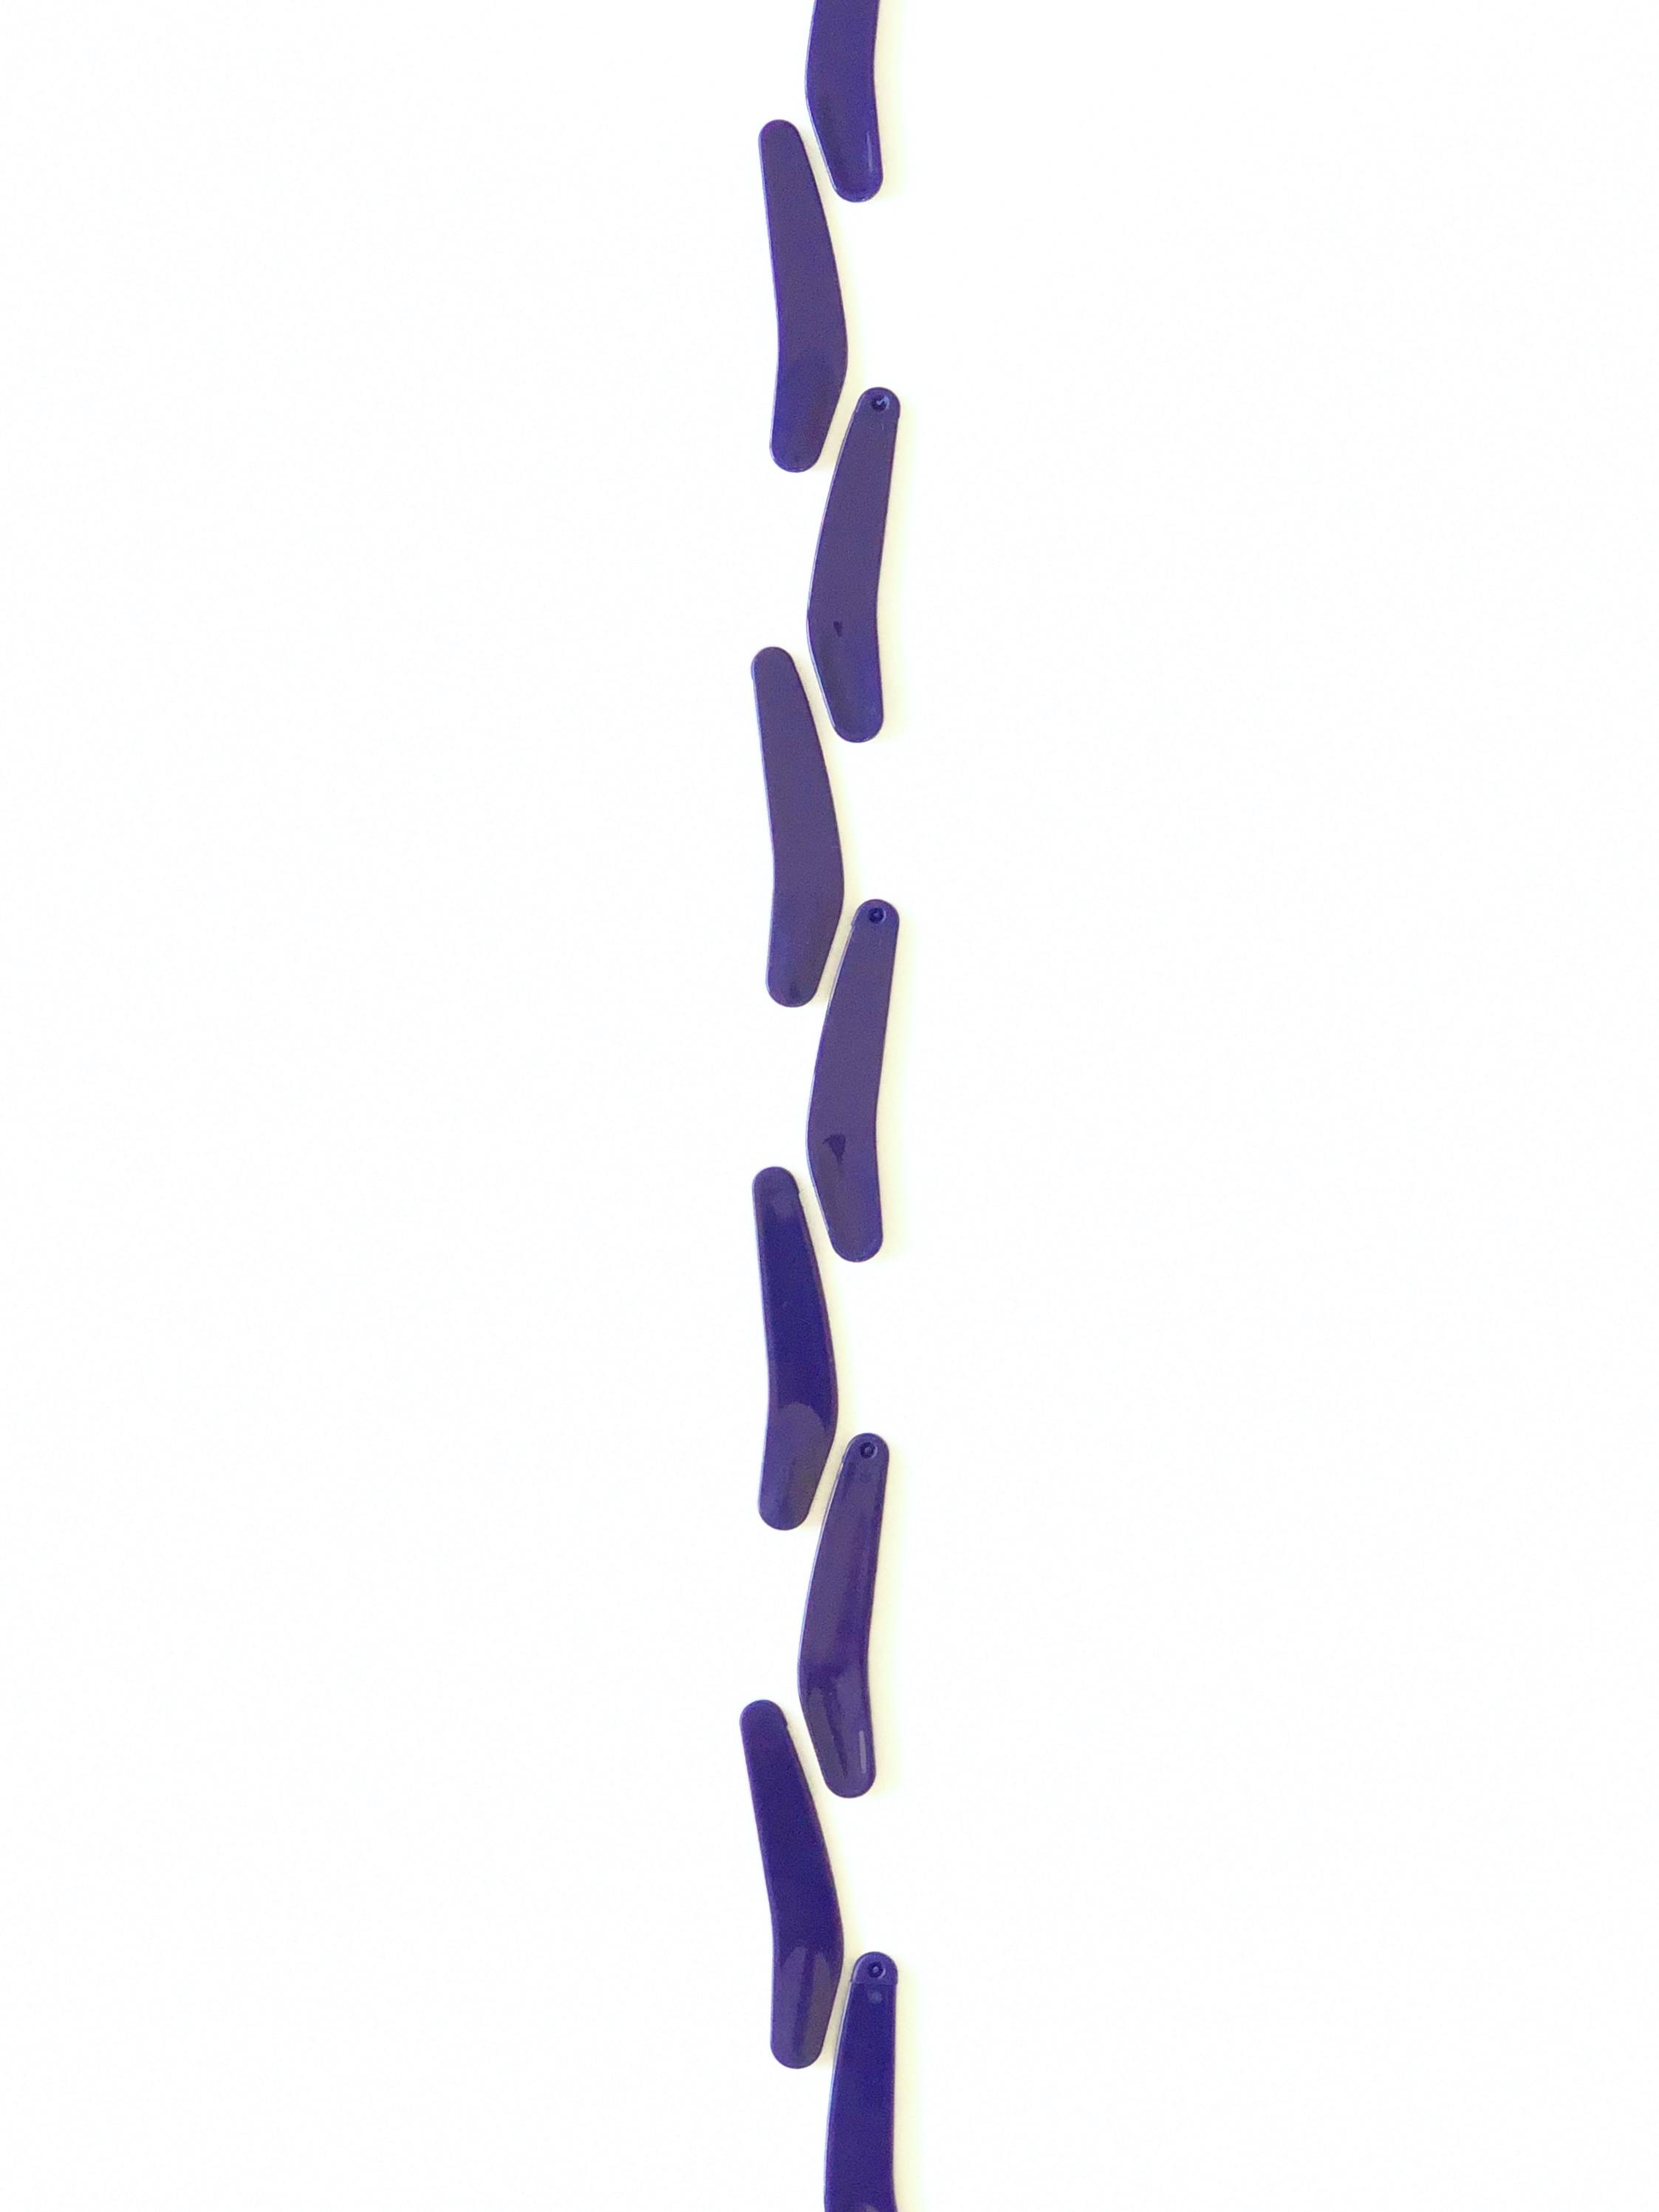 PHY Mini-Spatel ozeanblau 10 Stück (zu SC Linie)